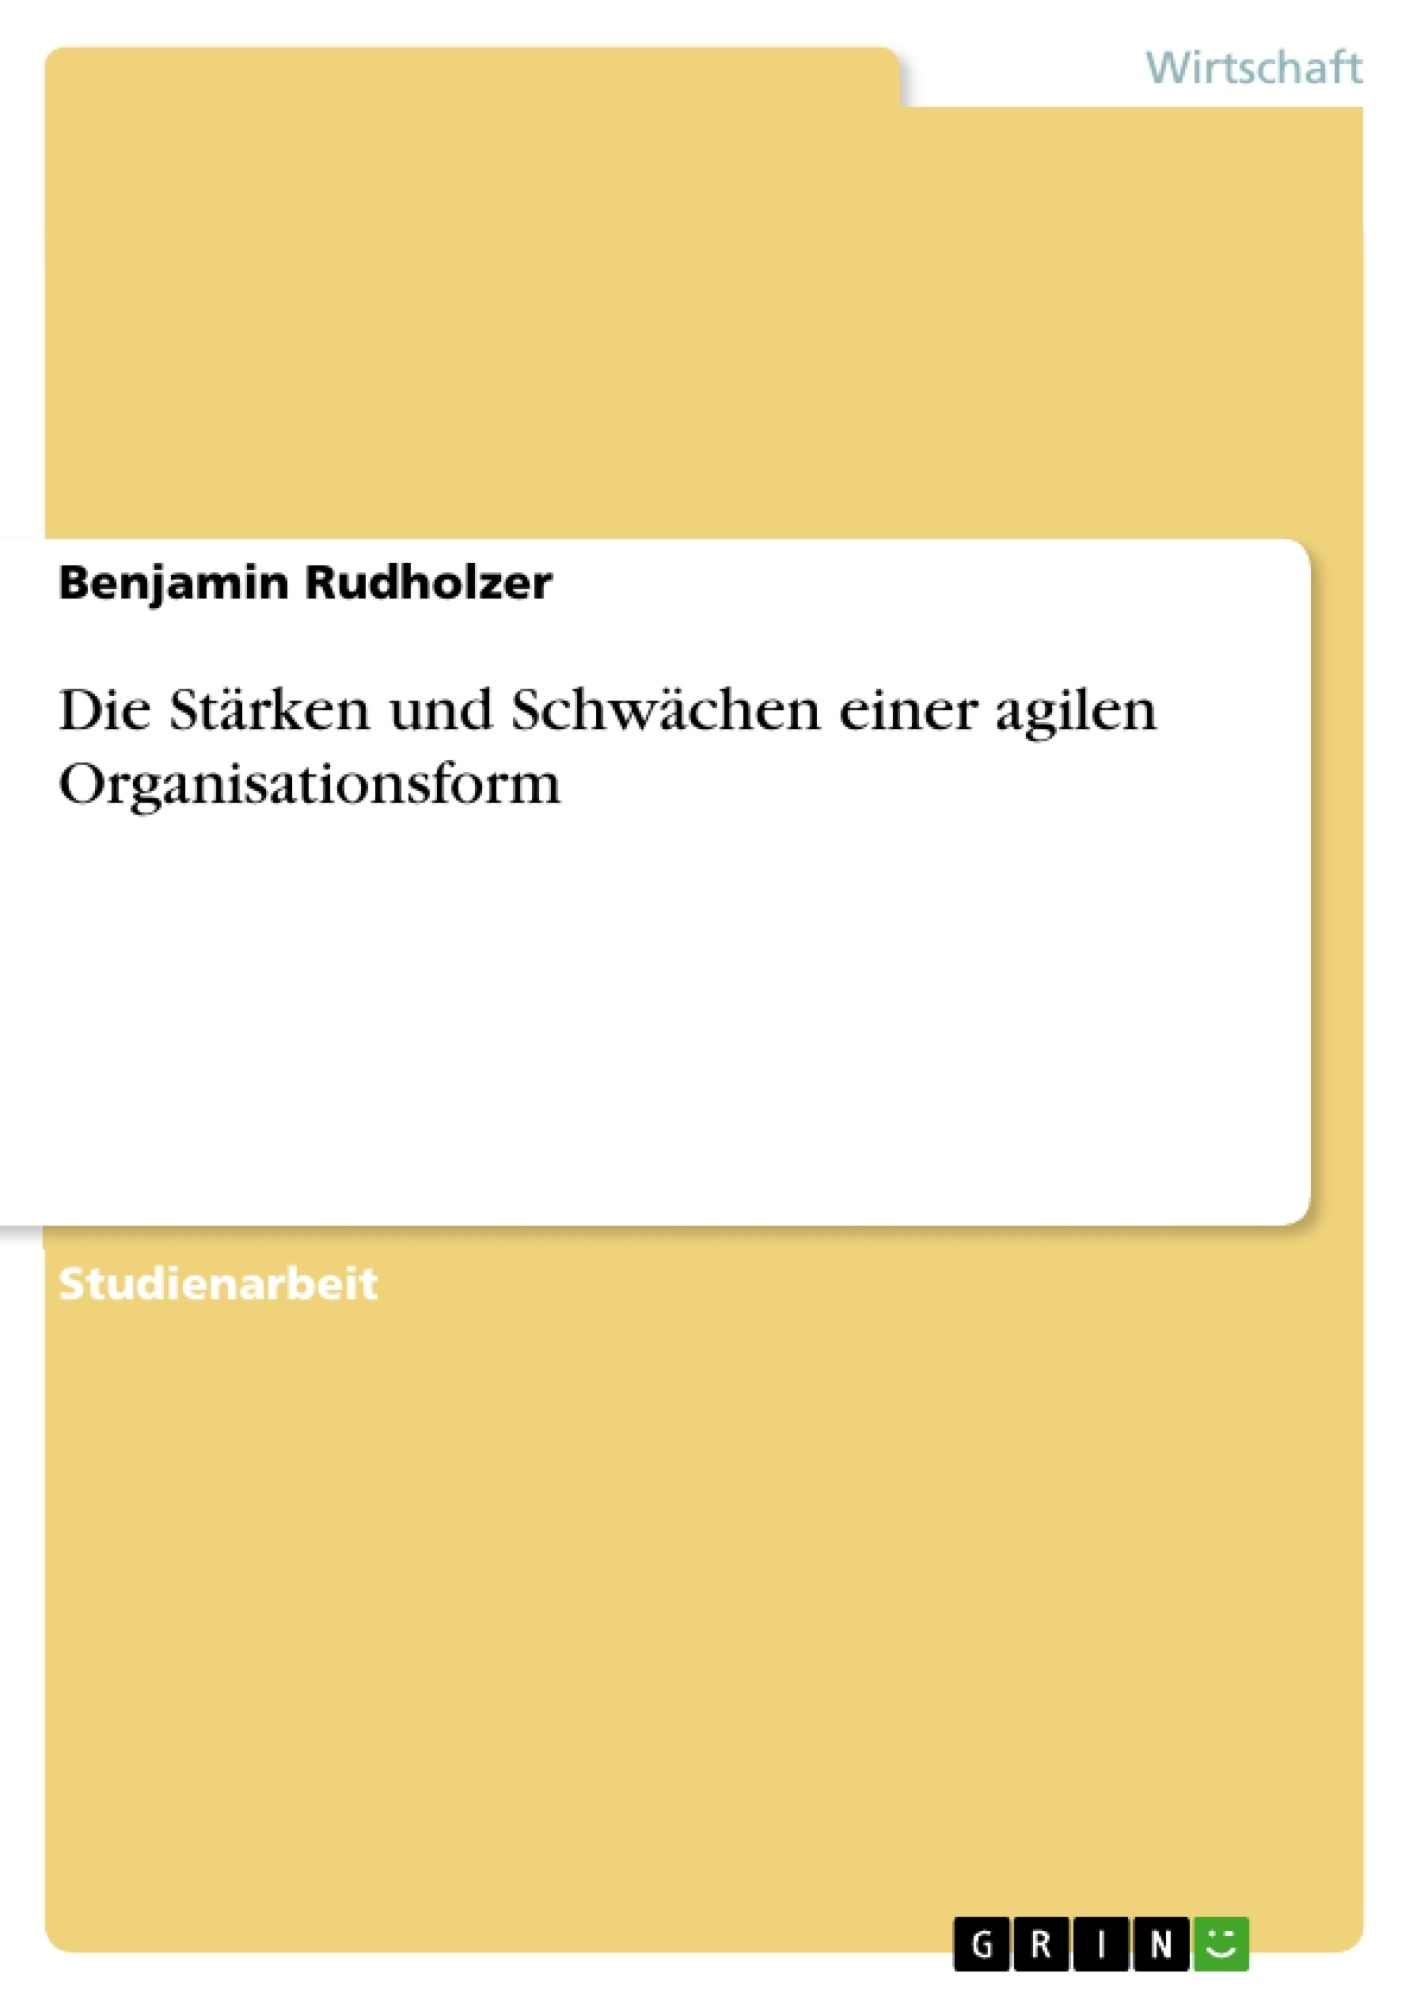 Titel: Die Stärken und Schwächen einer agilen Organisationsform